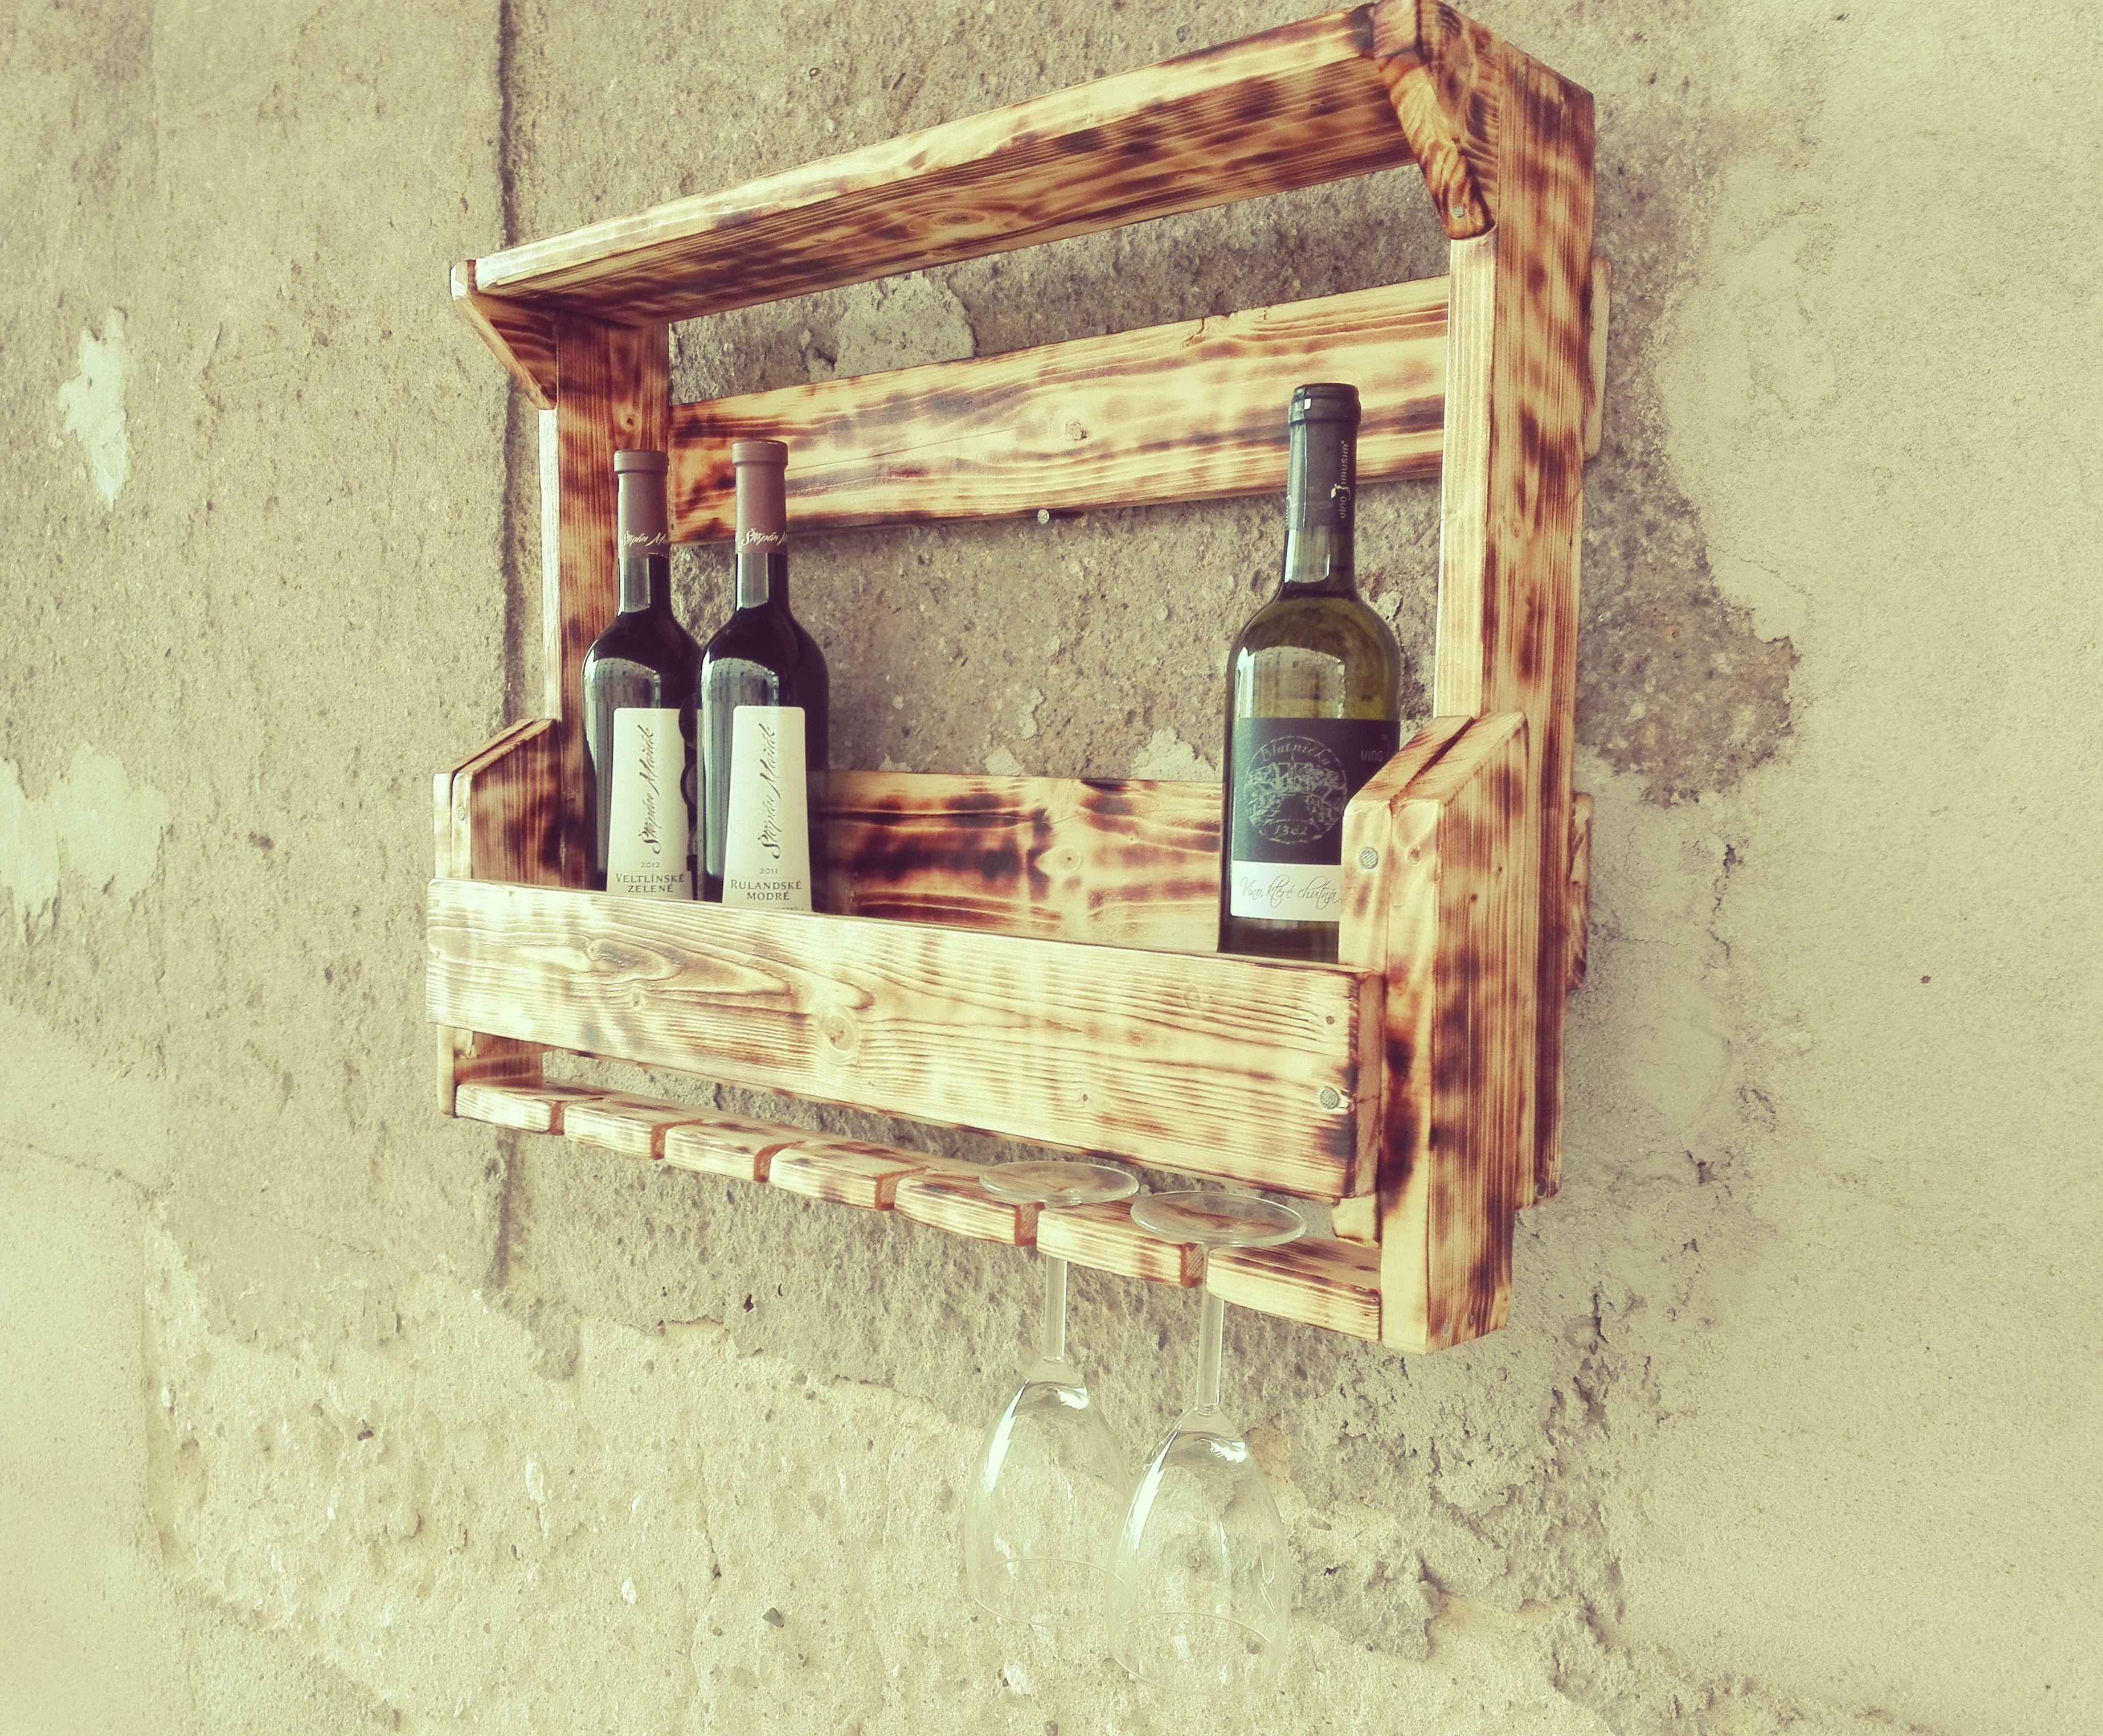 Pin by Stará Krása on Stojany na víno - wine racks | Pinterest ...